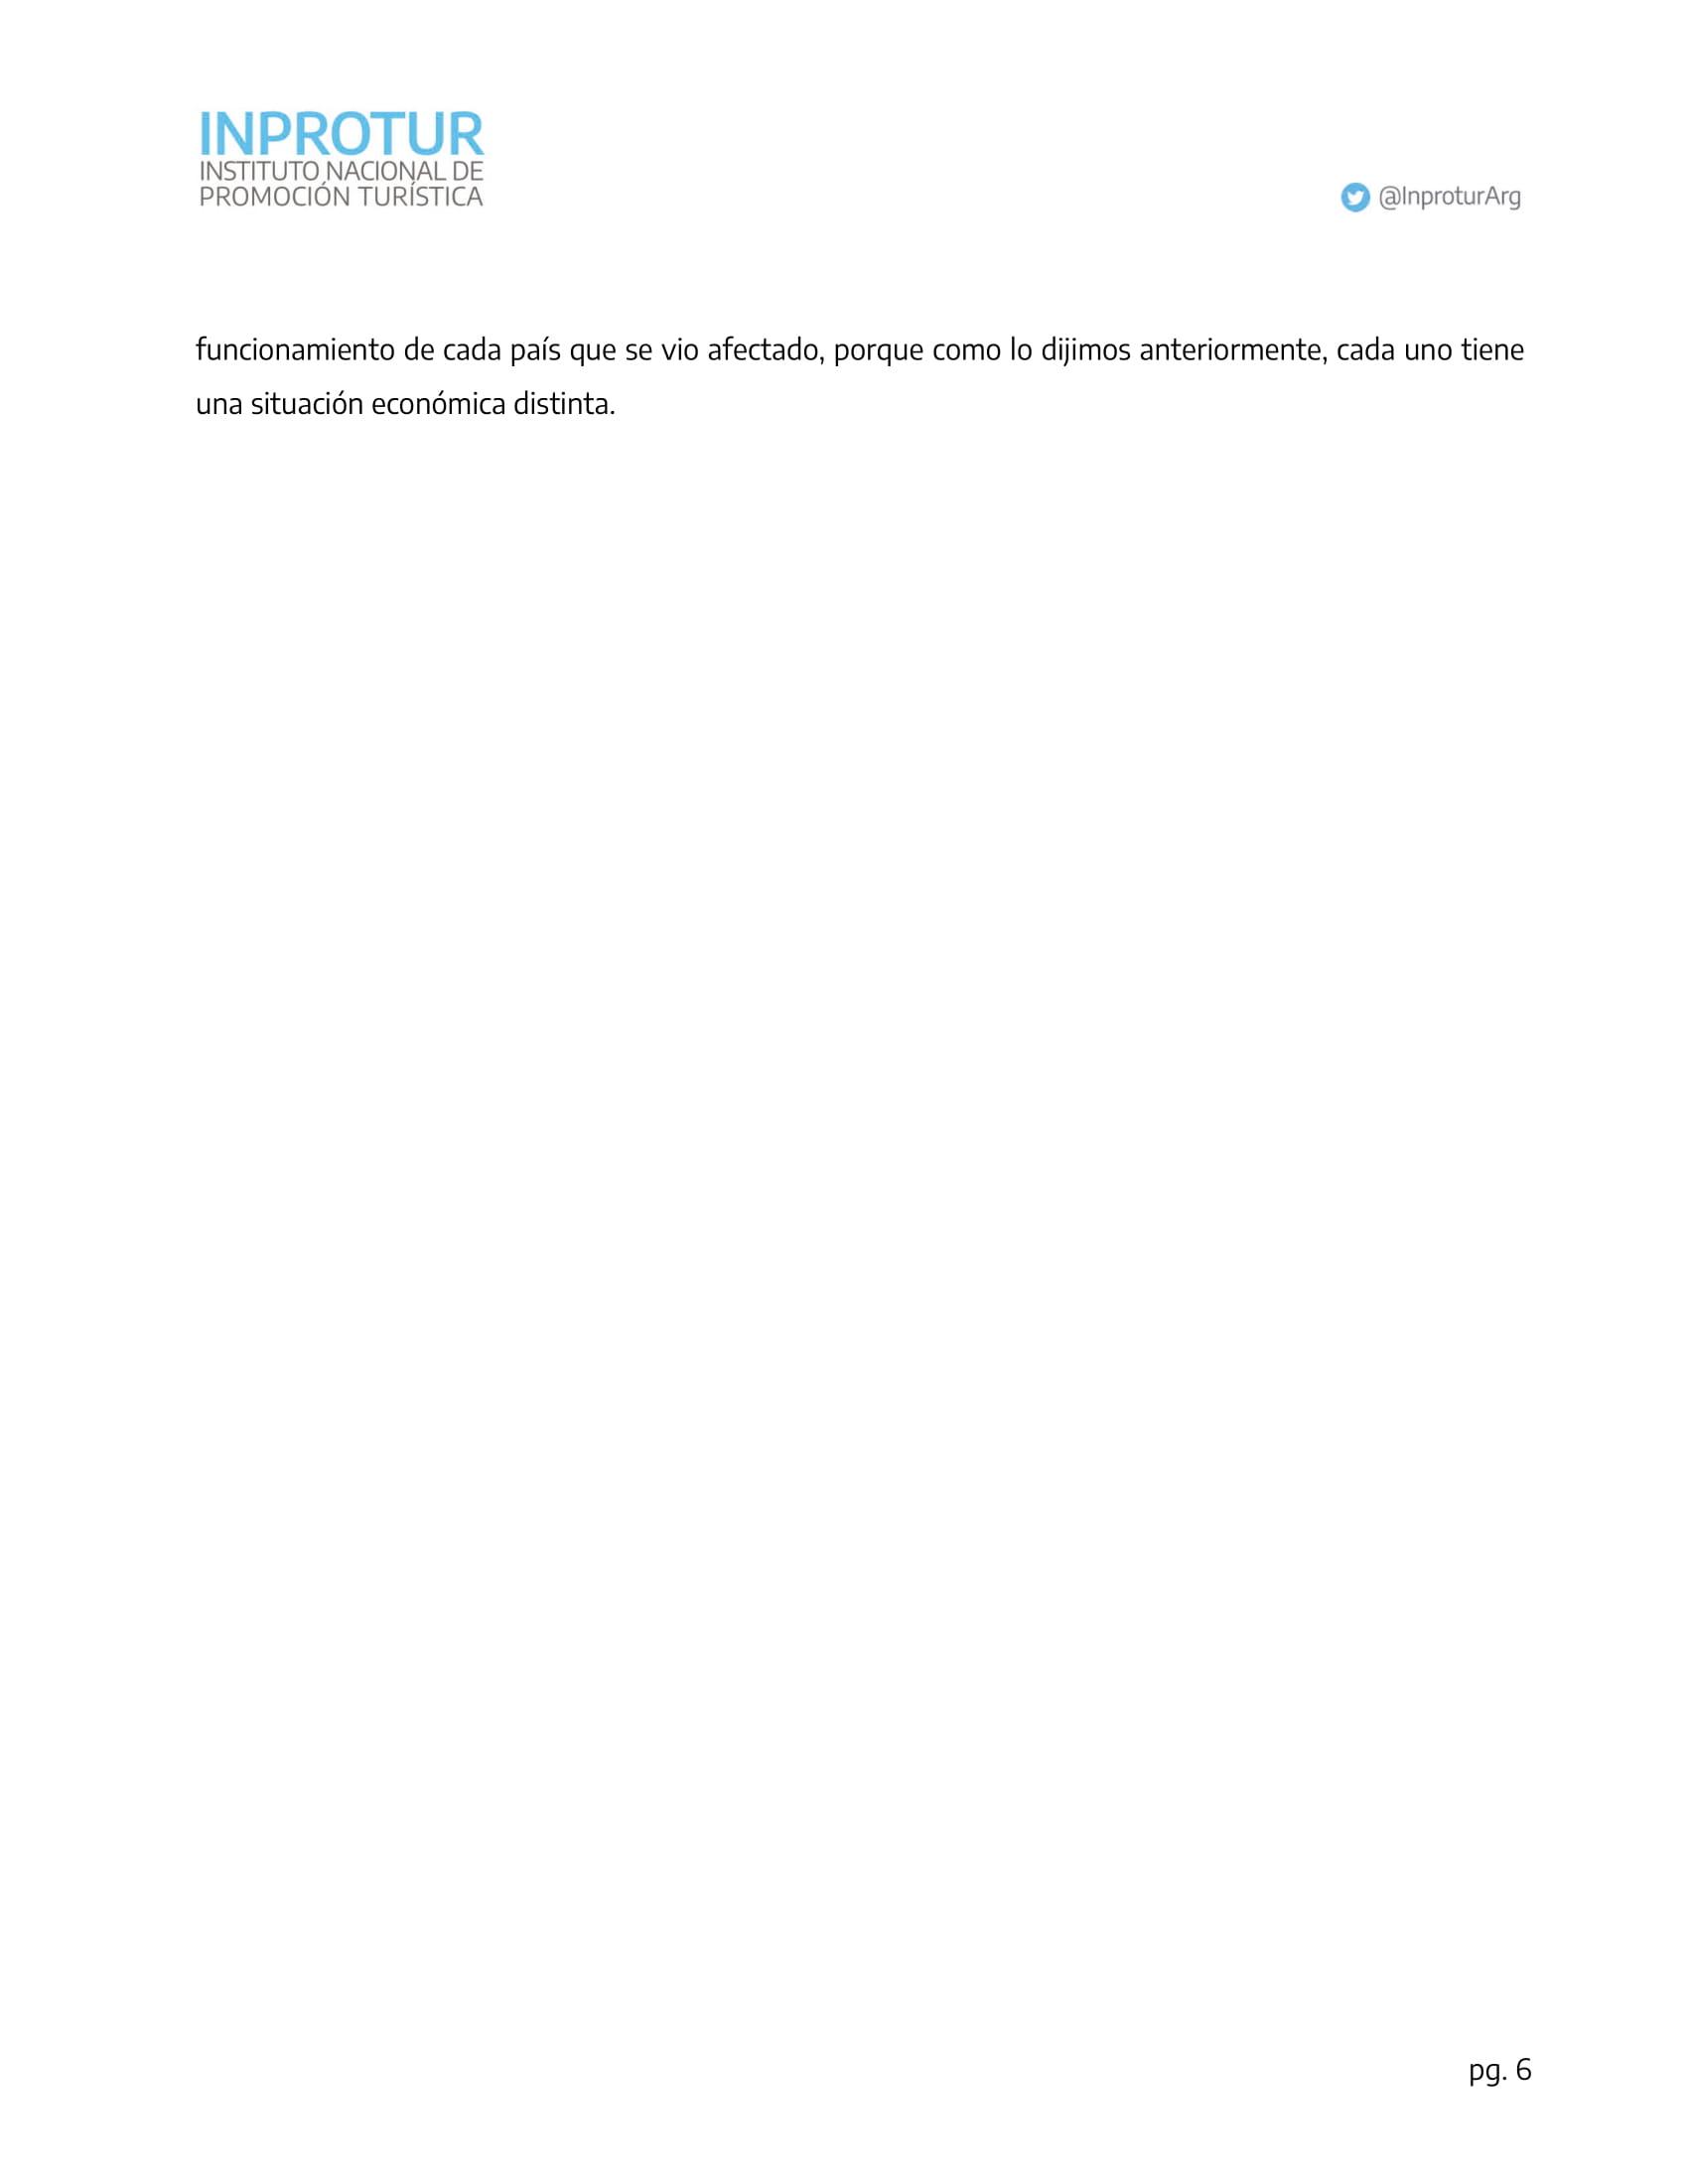 Informe-de-coyuntura-Turismo-y-Coronavirus-2020-06